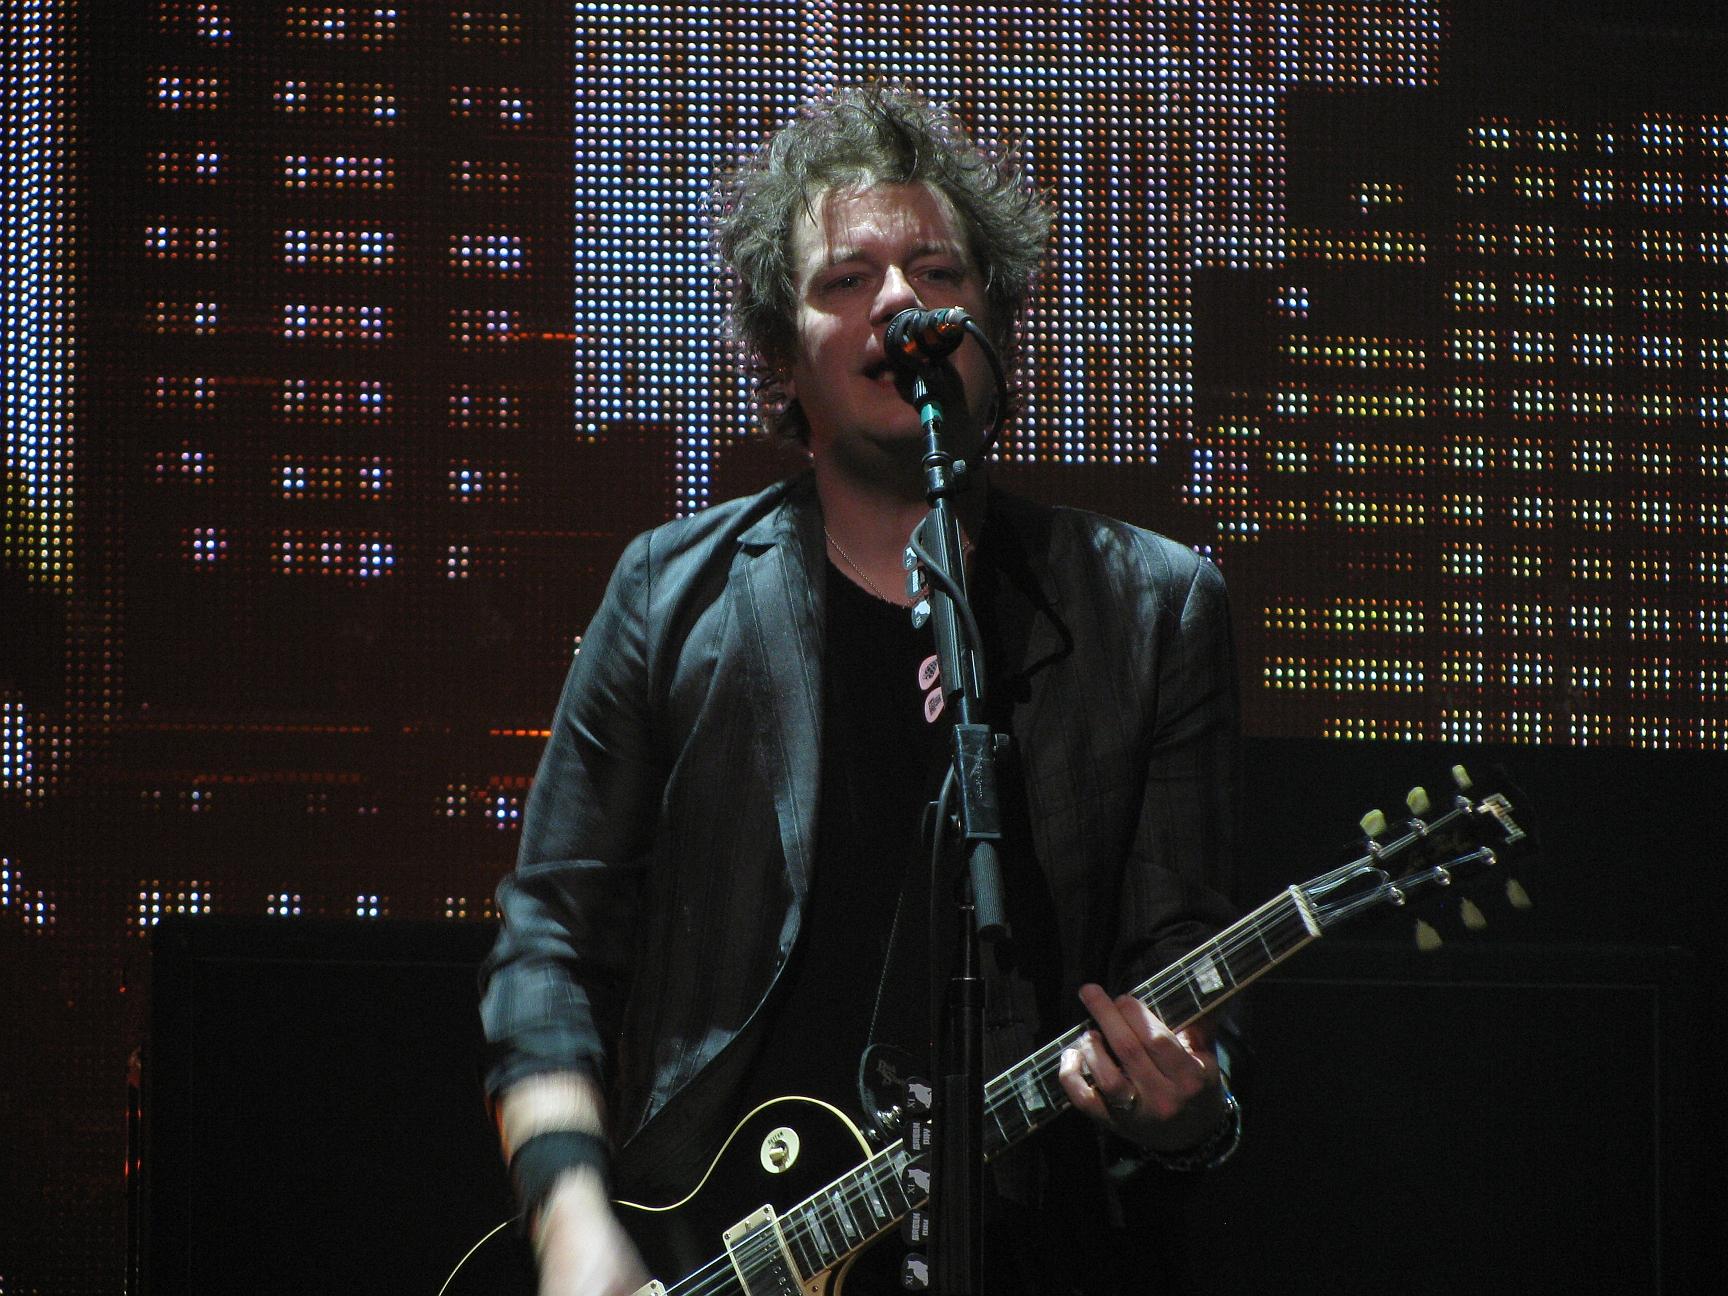 En 1973 nació Jason White quién hizo parte de Green Day